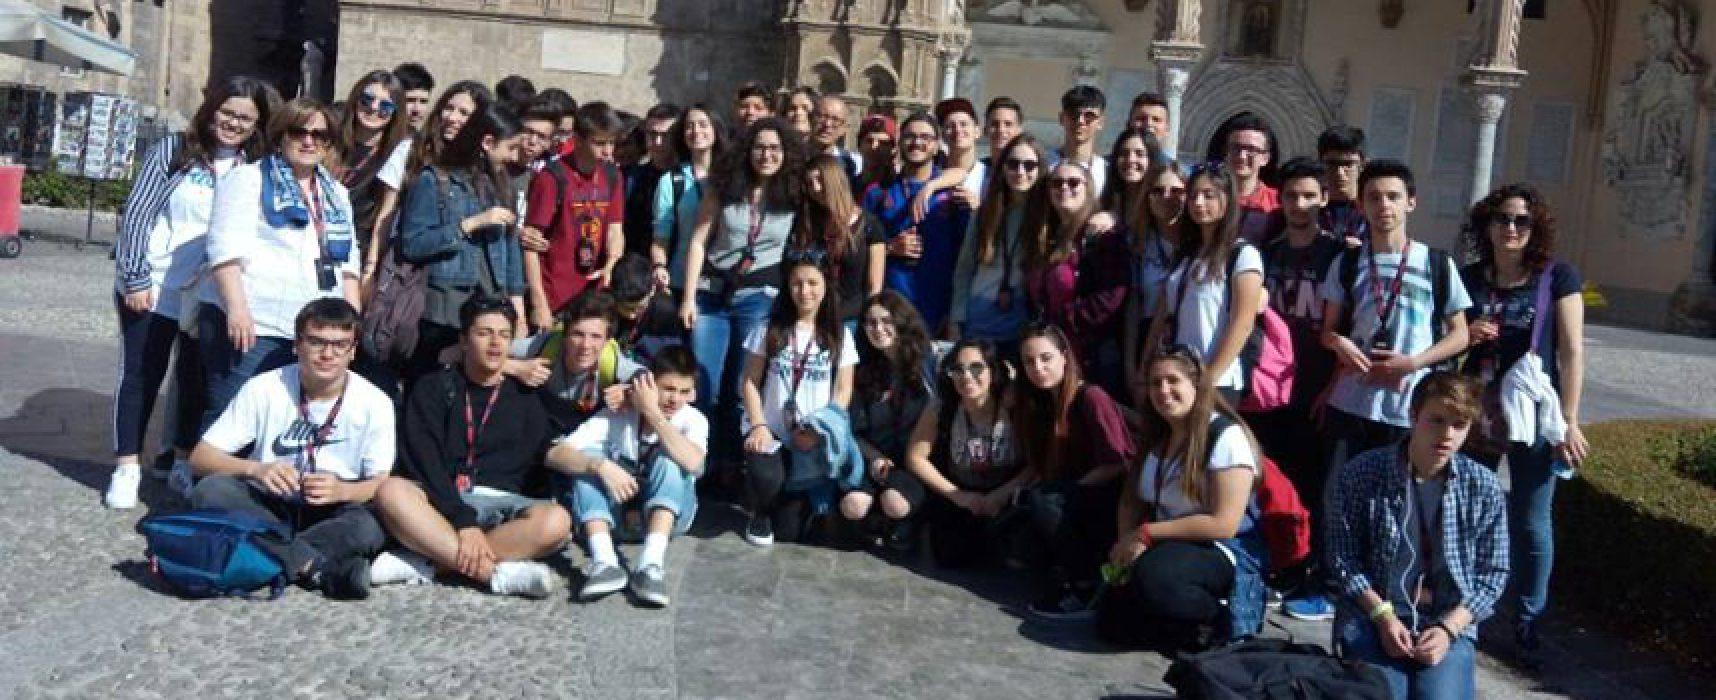 """Gli studenti del Liceo """"da Vinci"""" tra Capaci e Palermo in ricordo di Falcone e Borsellino"""